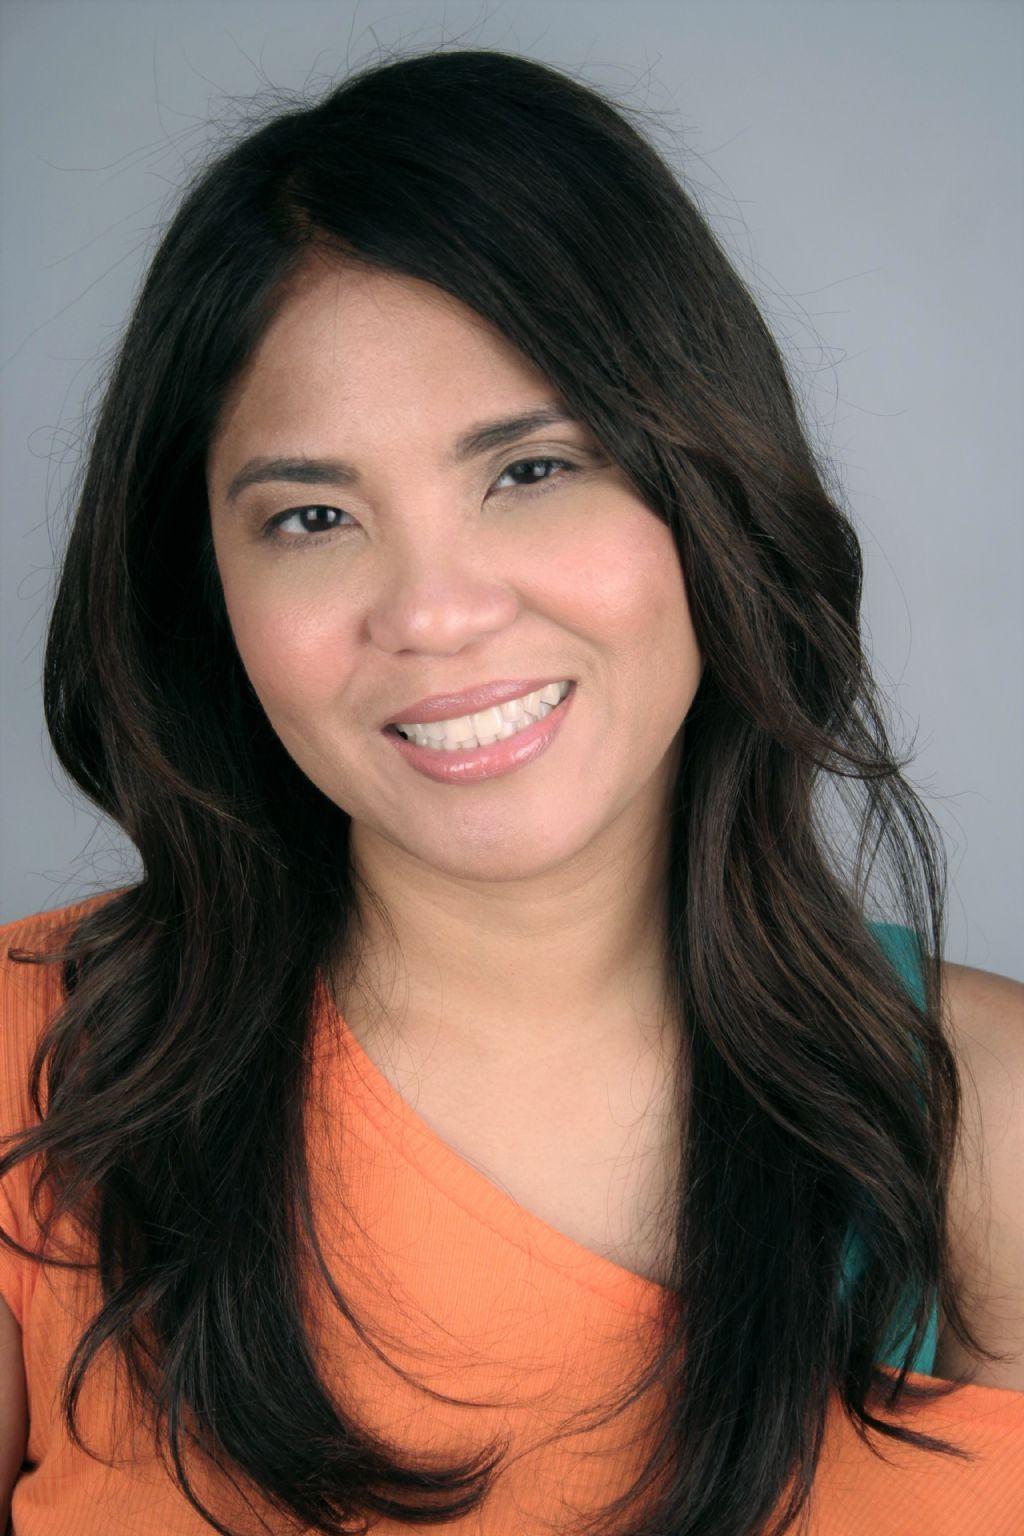 Jenalyn Rose Villegas